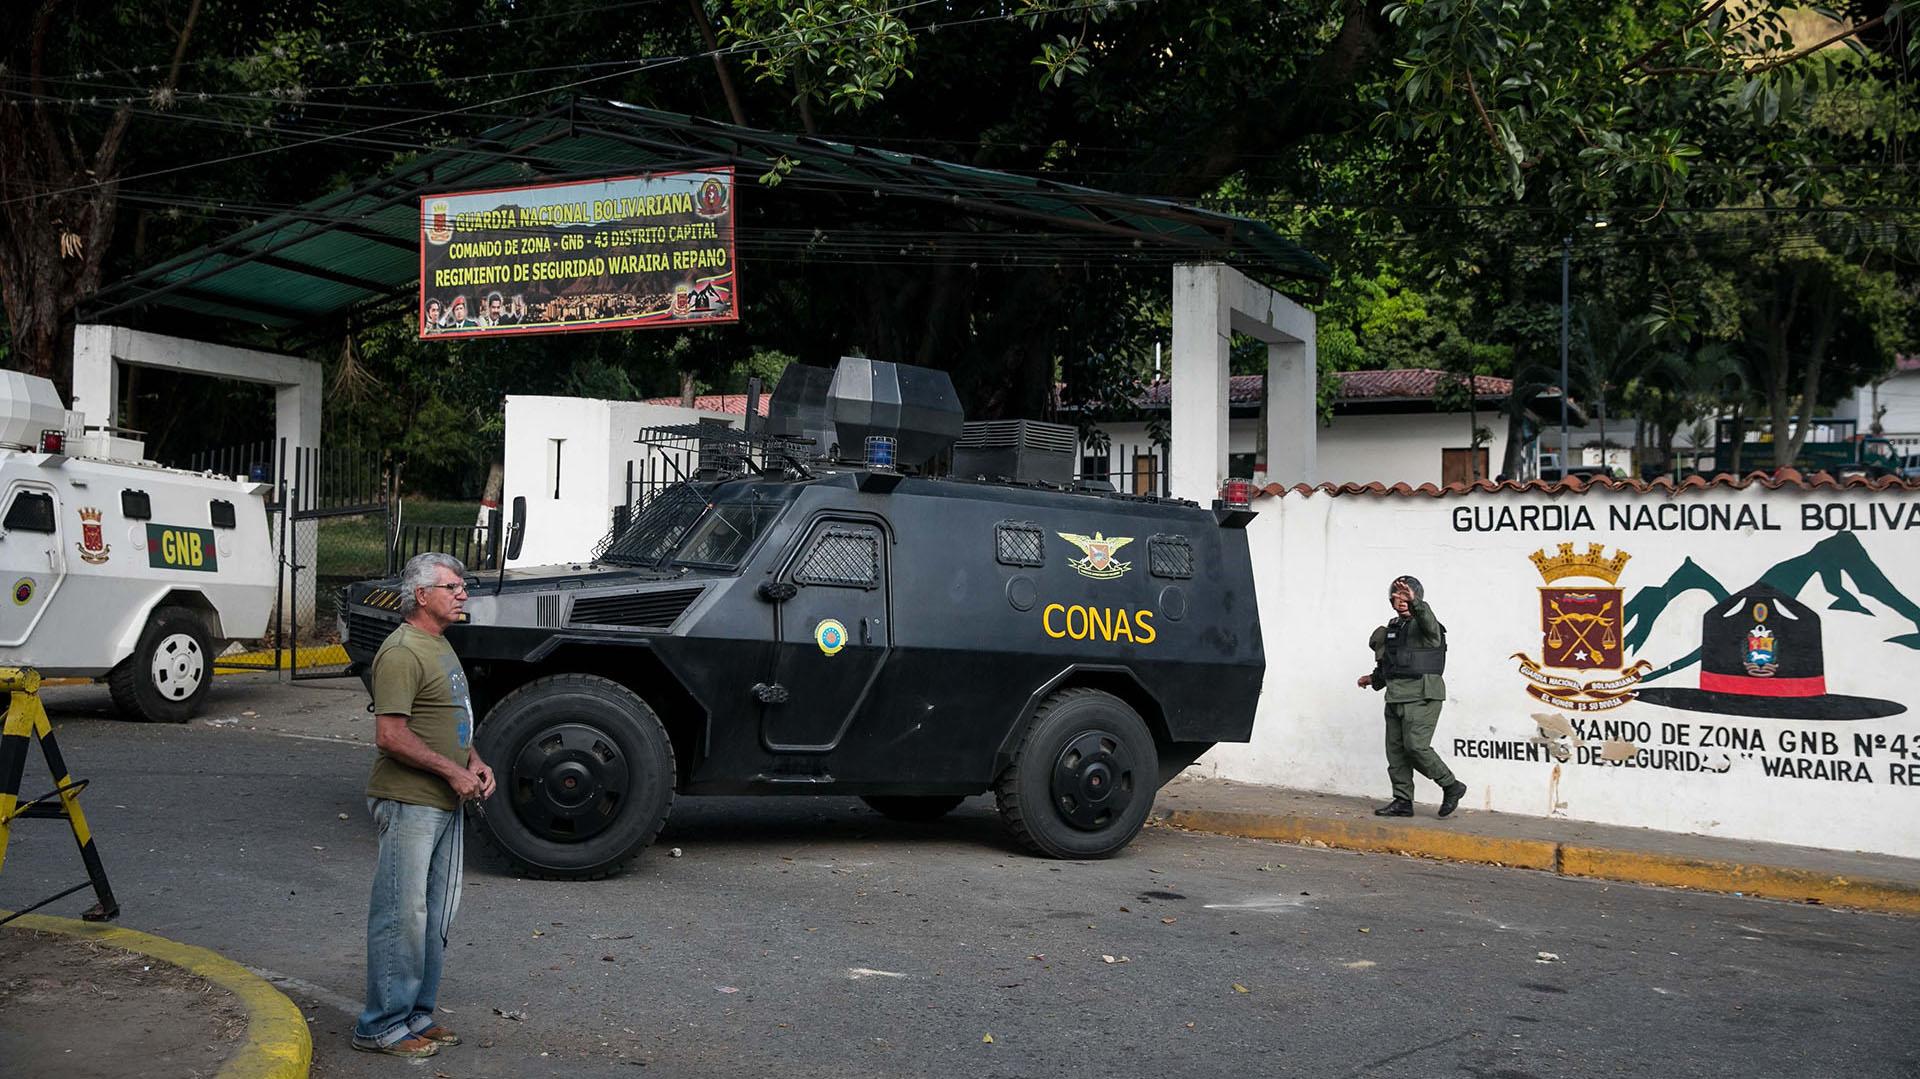 Vista externa del comando de la Guardia Nacional Bolivariana